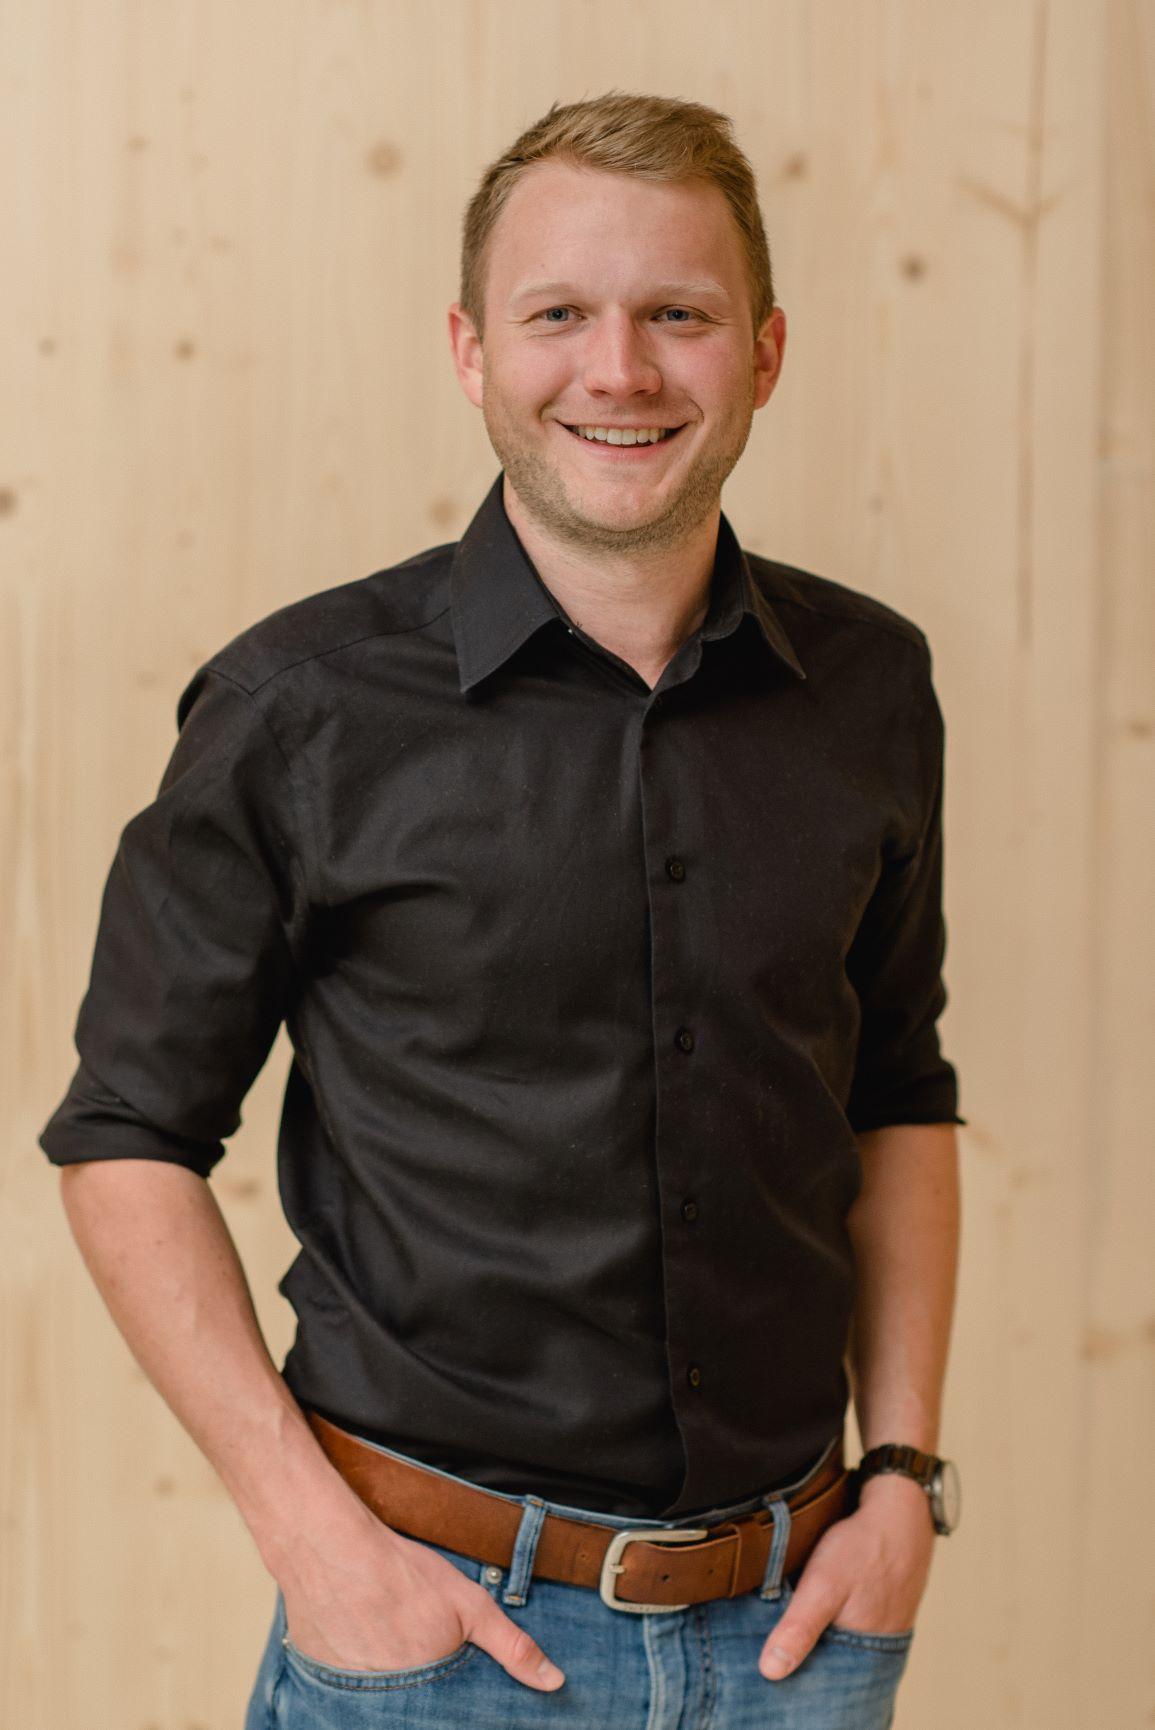 Johannes Santner